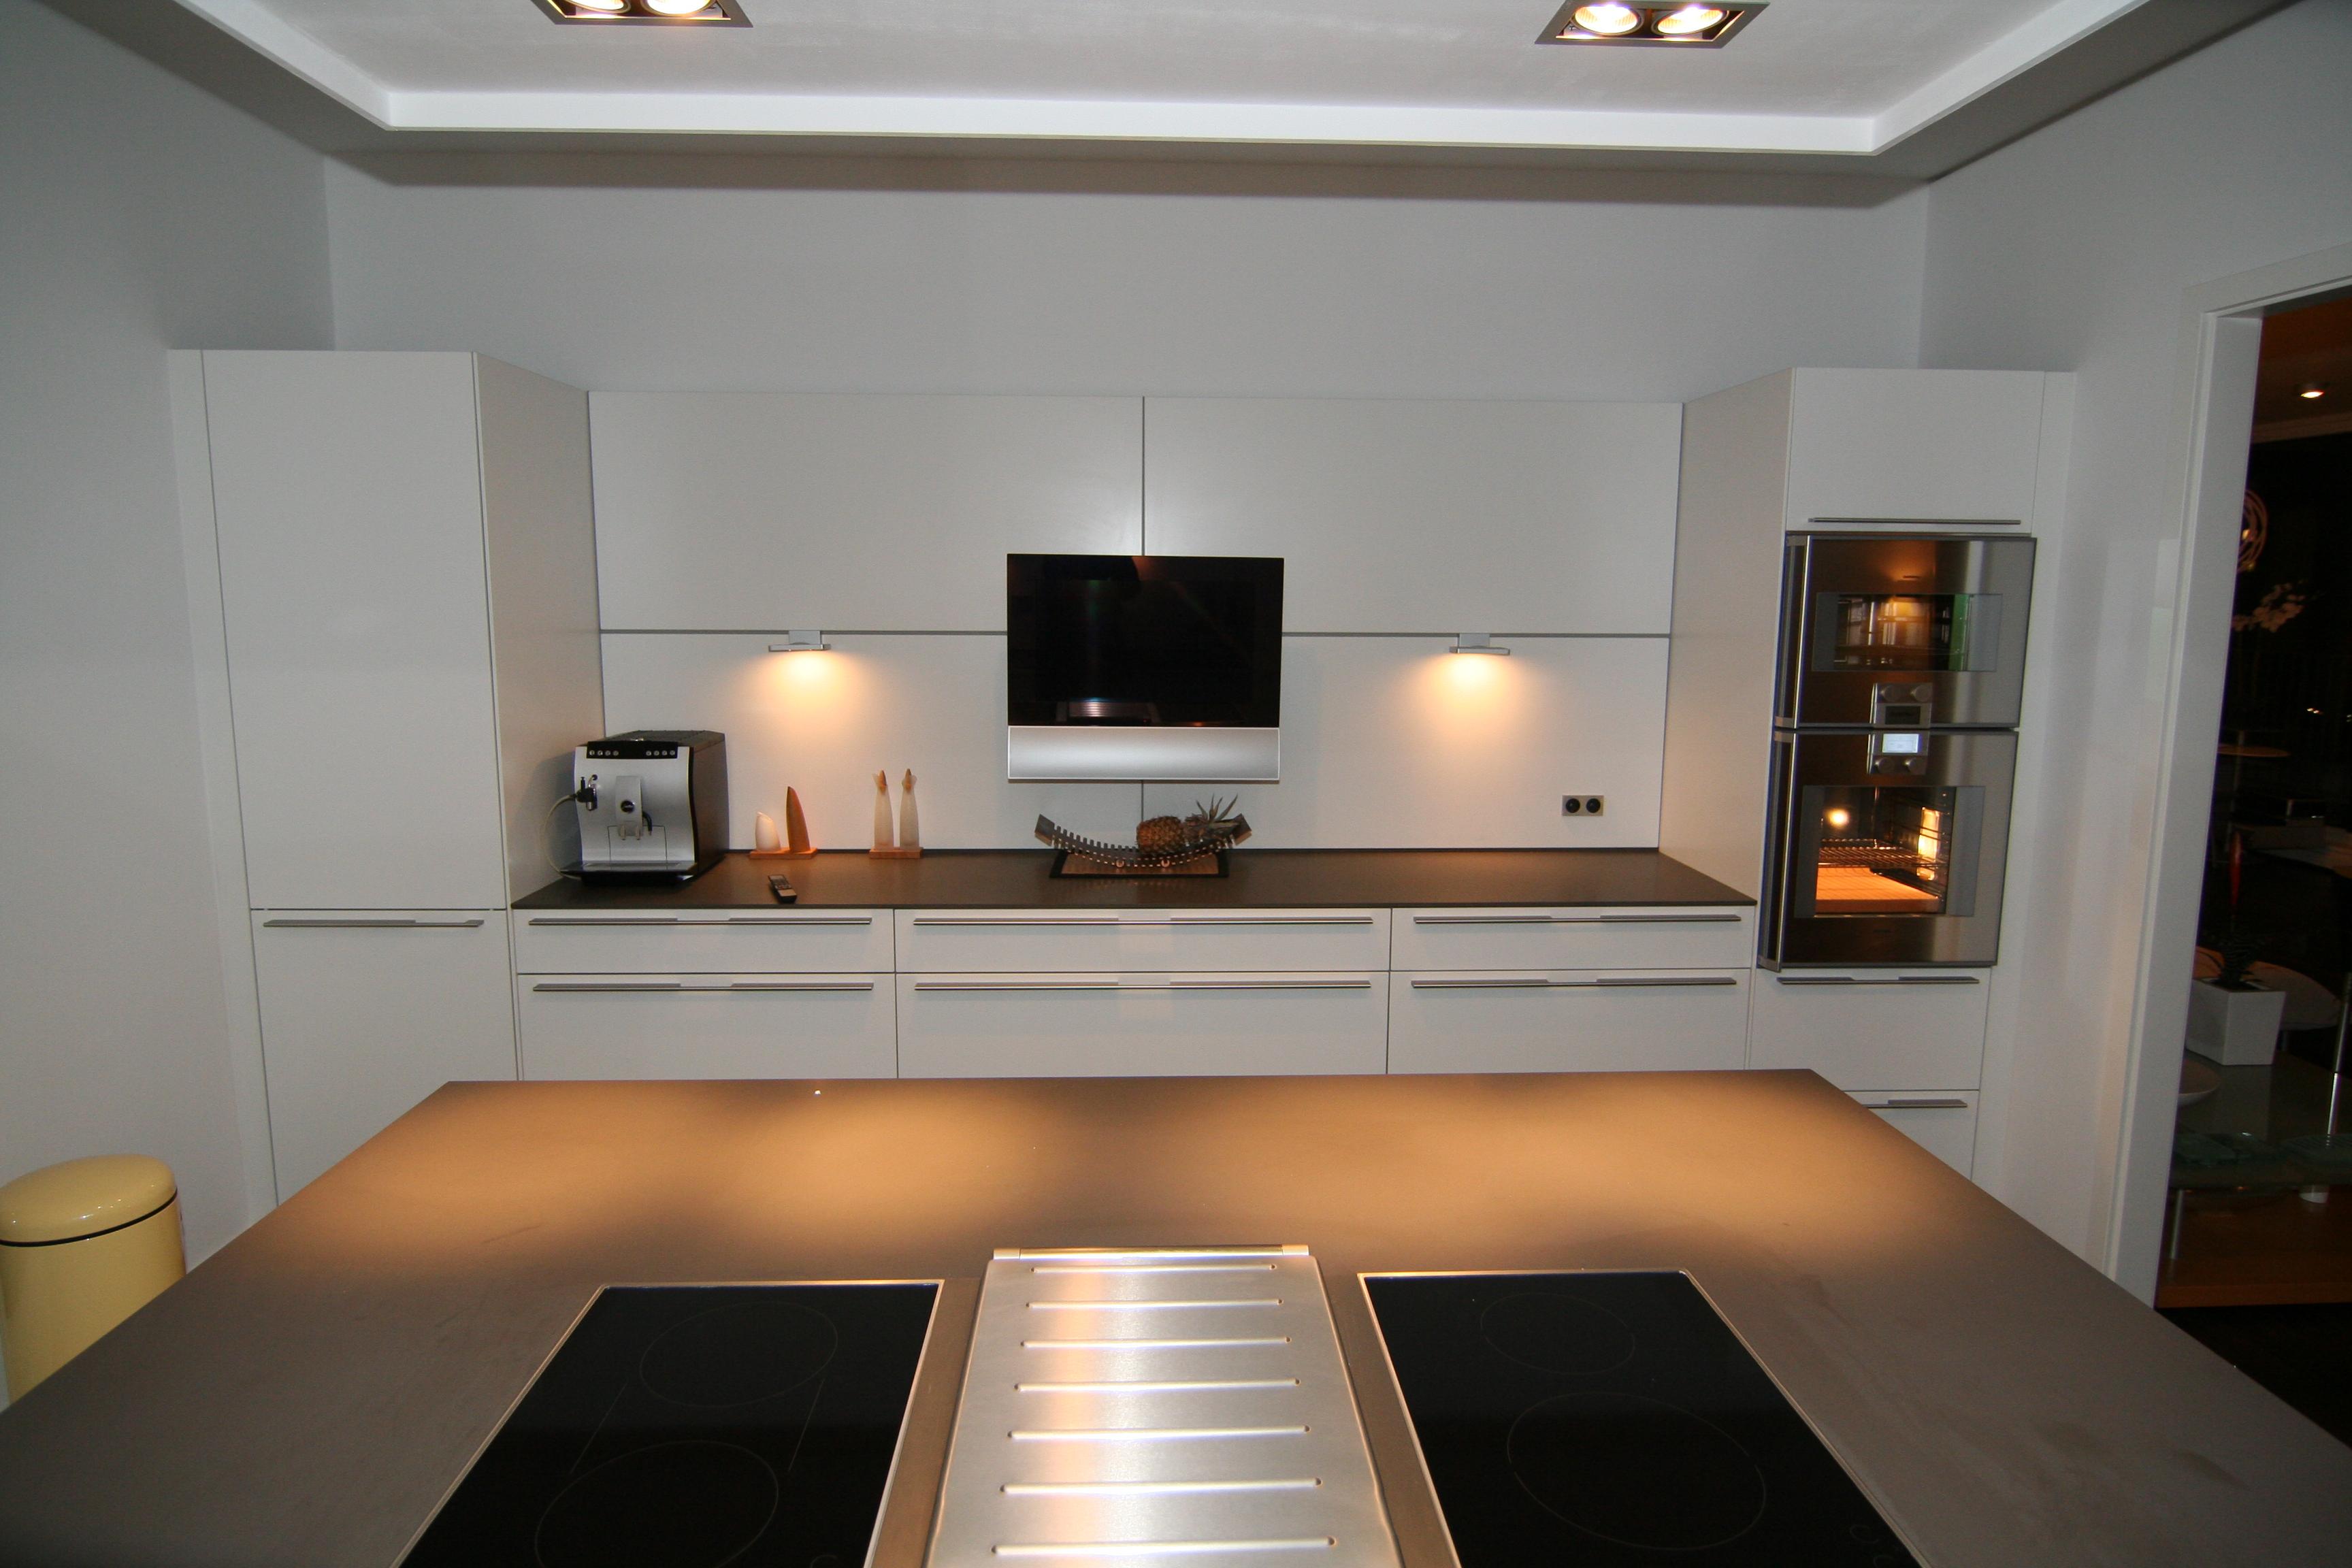 wohnzimmerschrank design. Black Bedroom Furniture Sets. Home Design Ideas